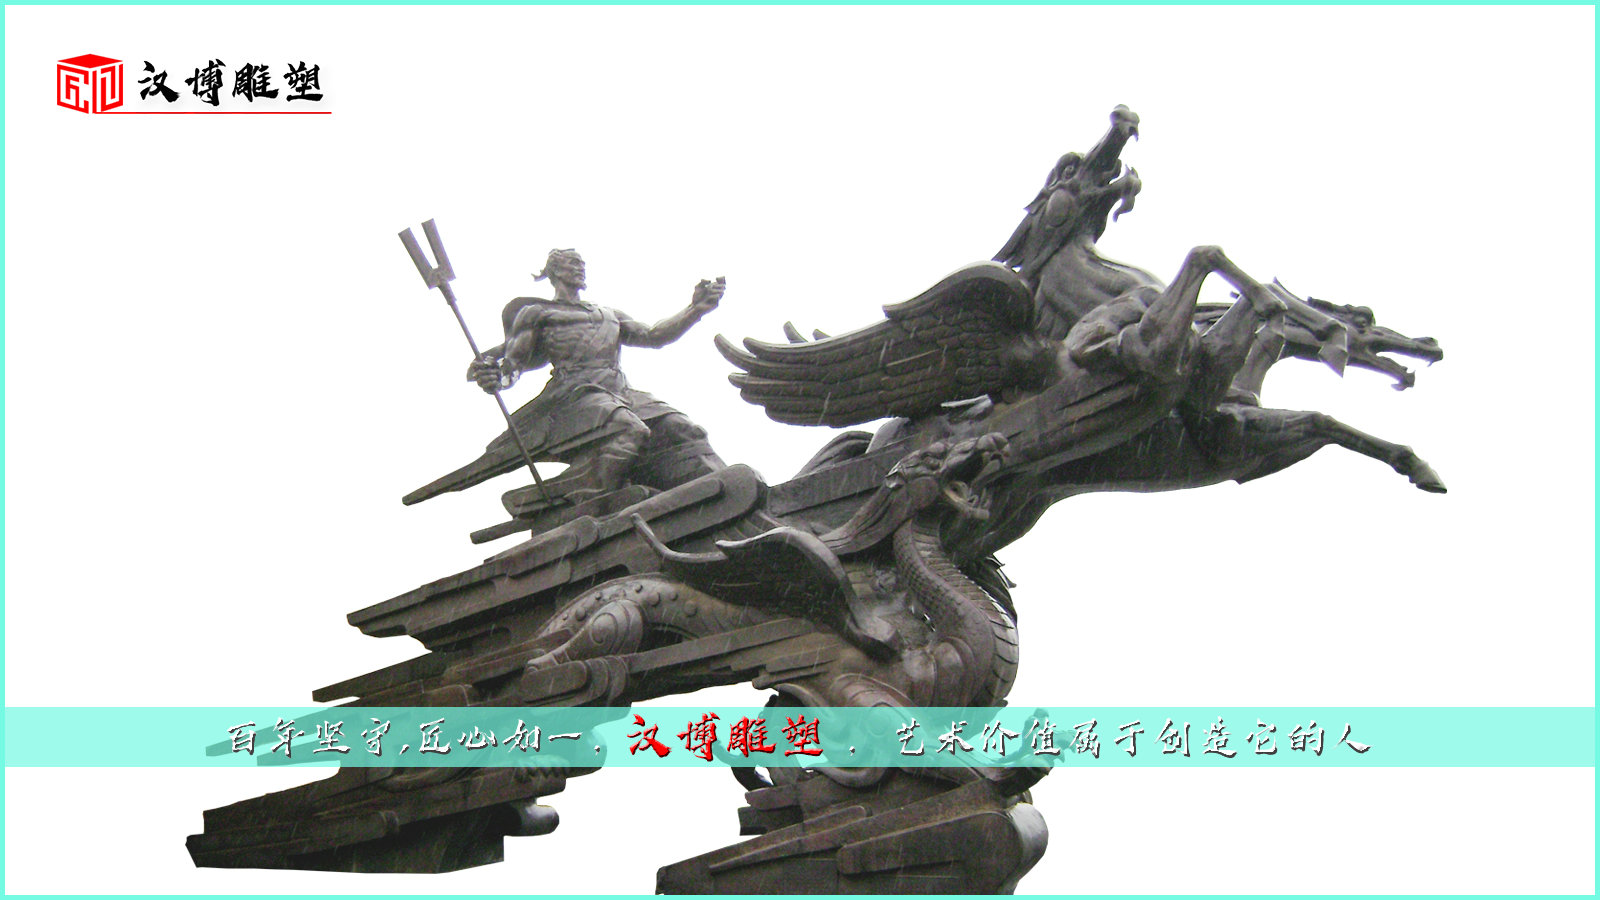 大禹治水铸铜雕塑,以人为本精神是中华民族精神的象征